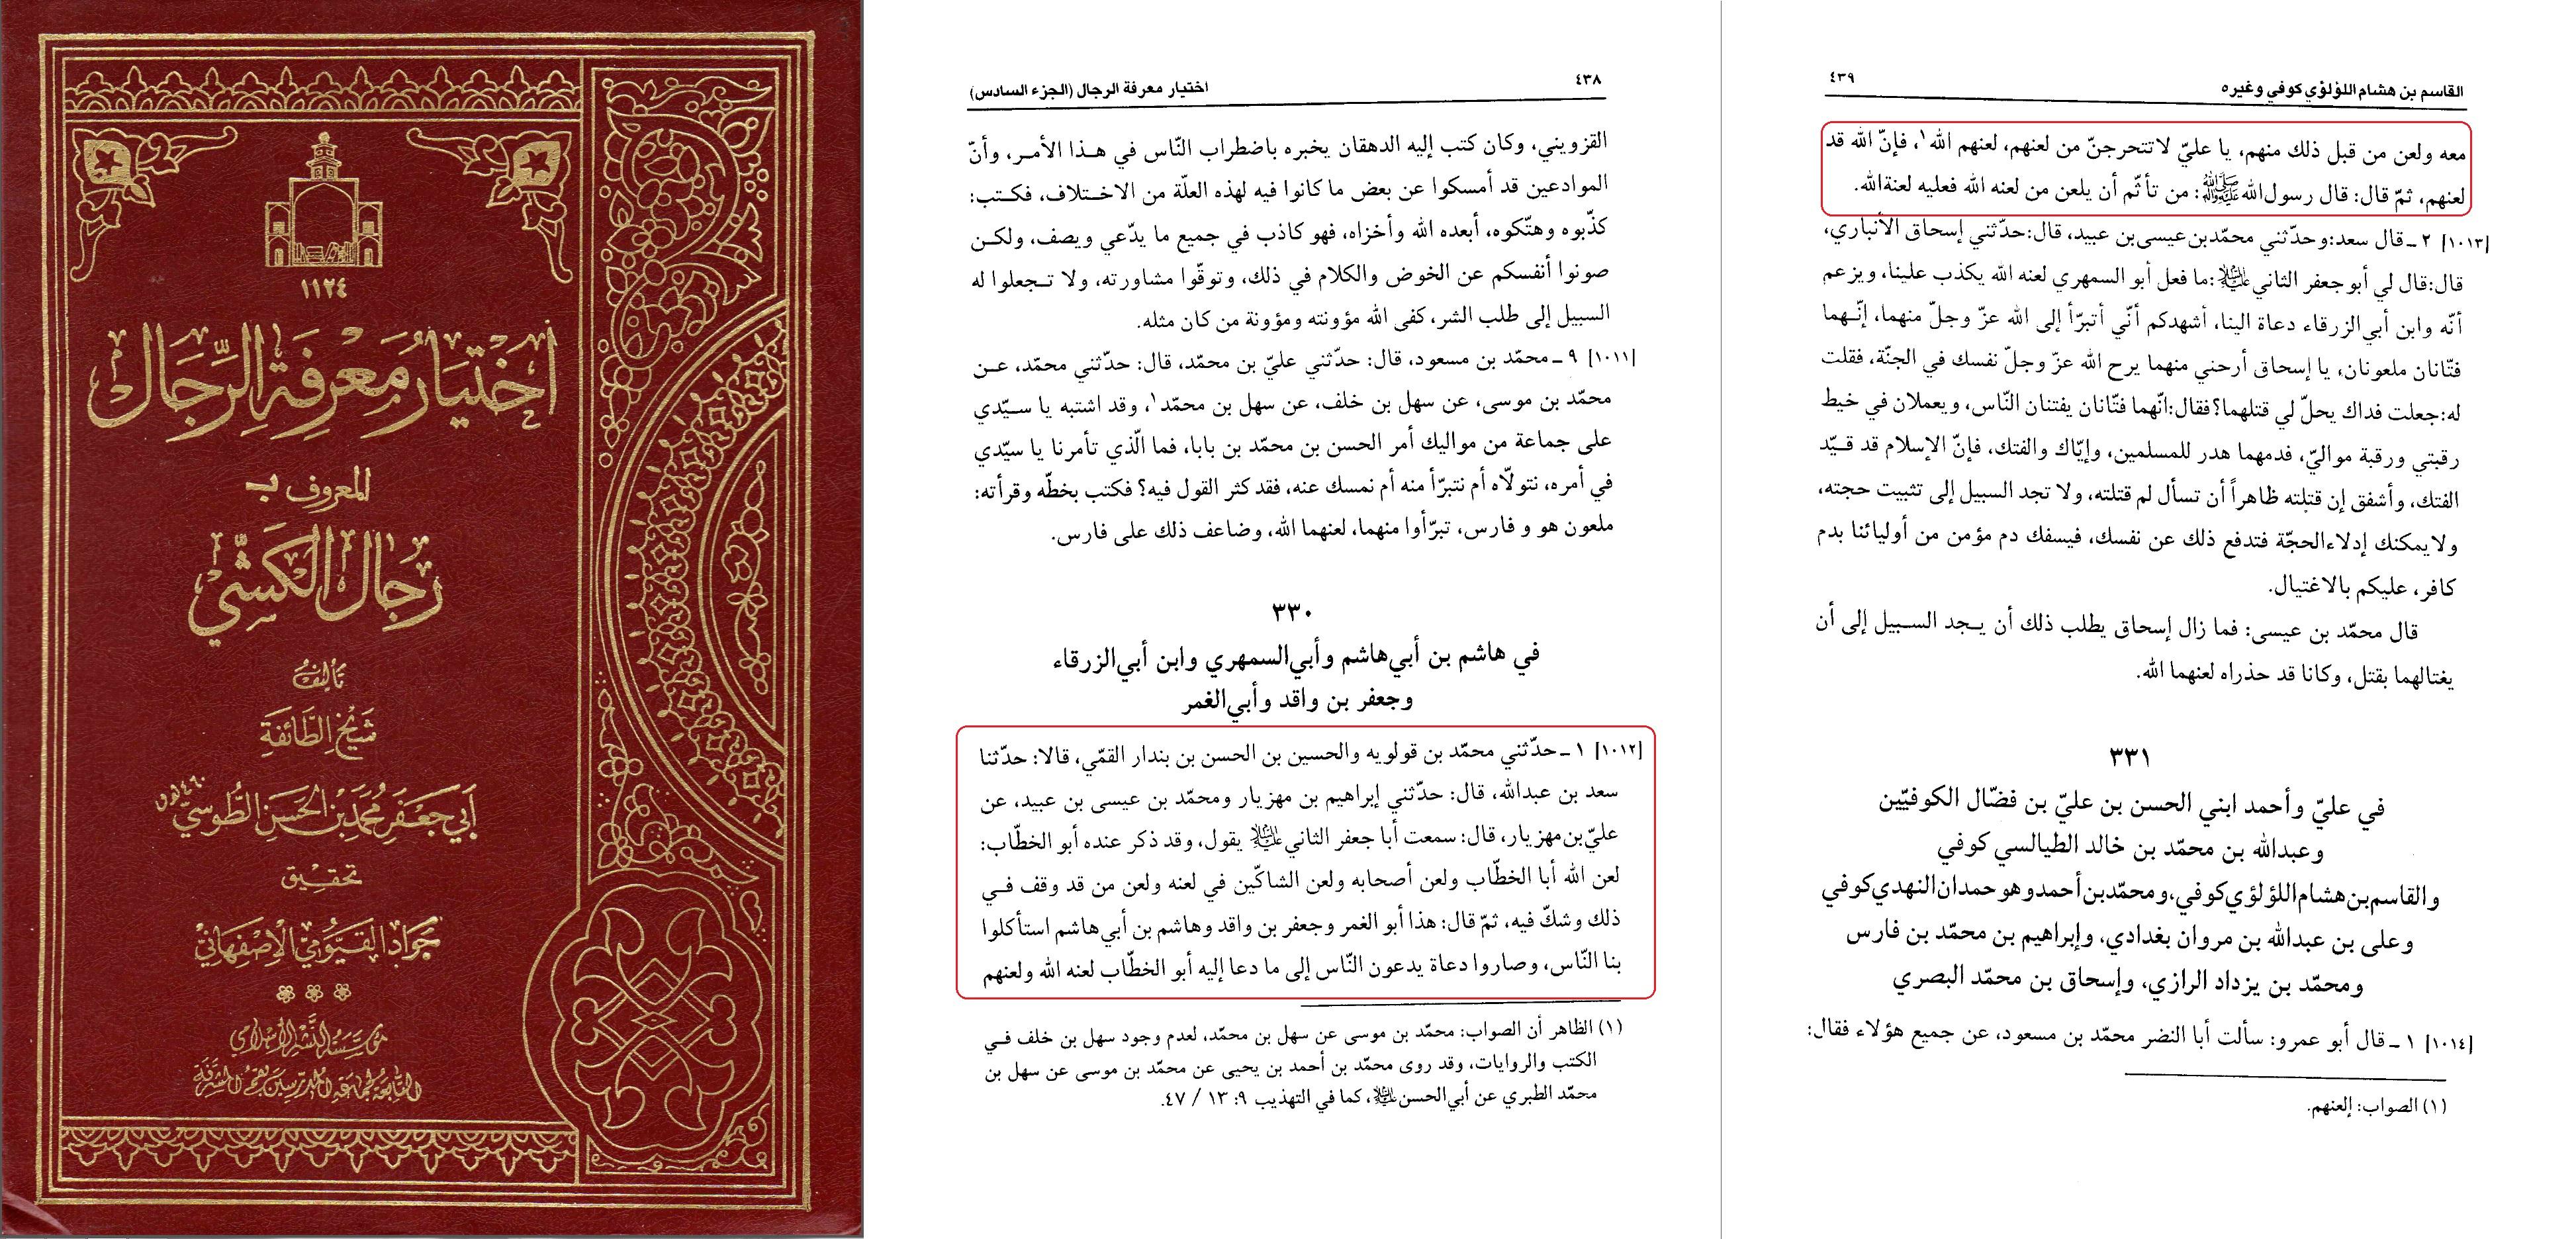 E5teyar-e Ma3refat-e Rejal S 438 - 439